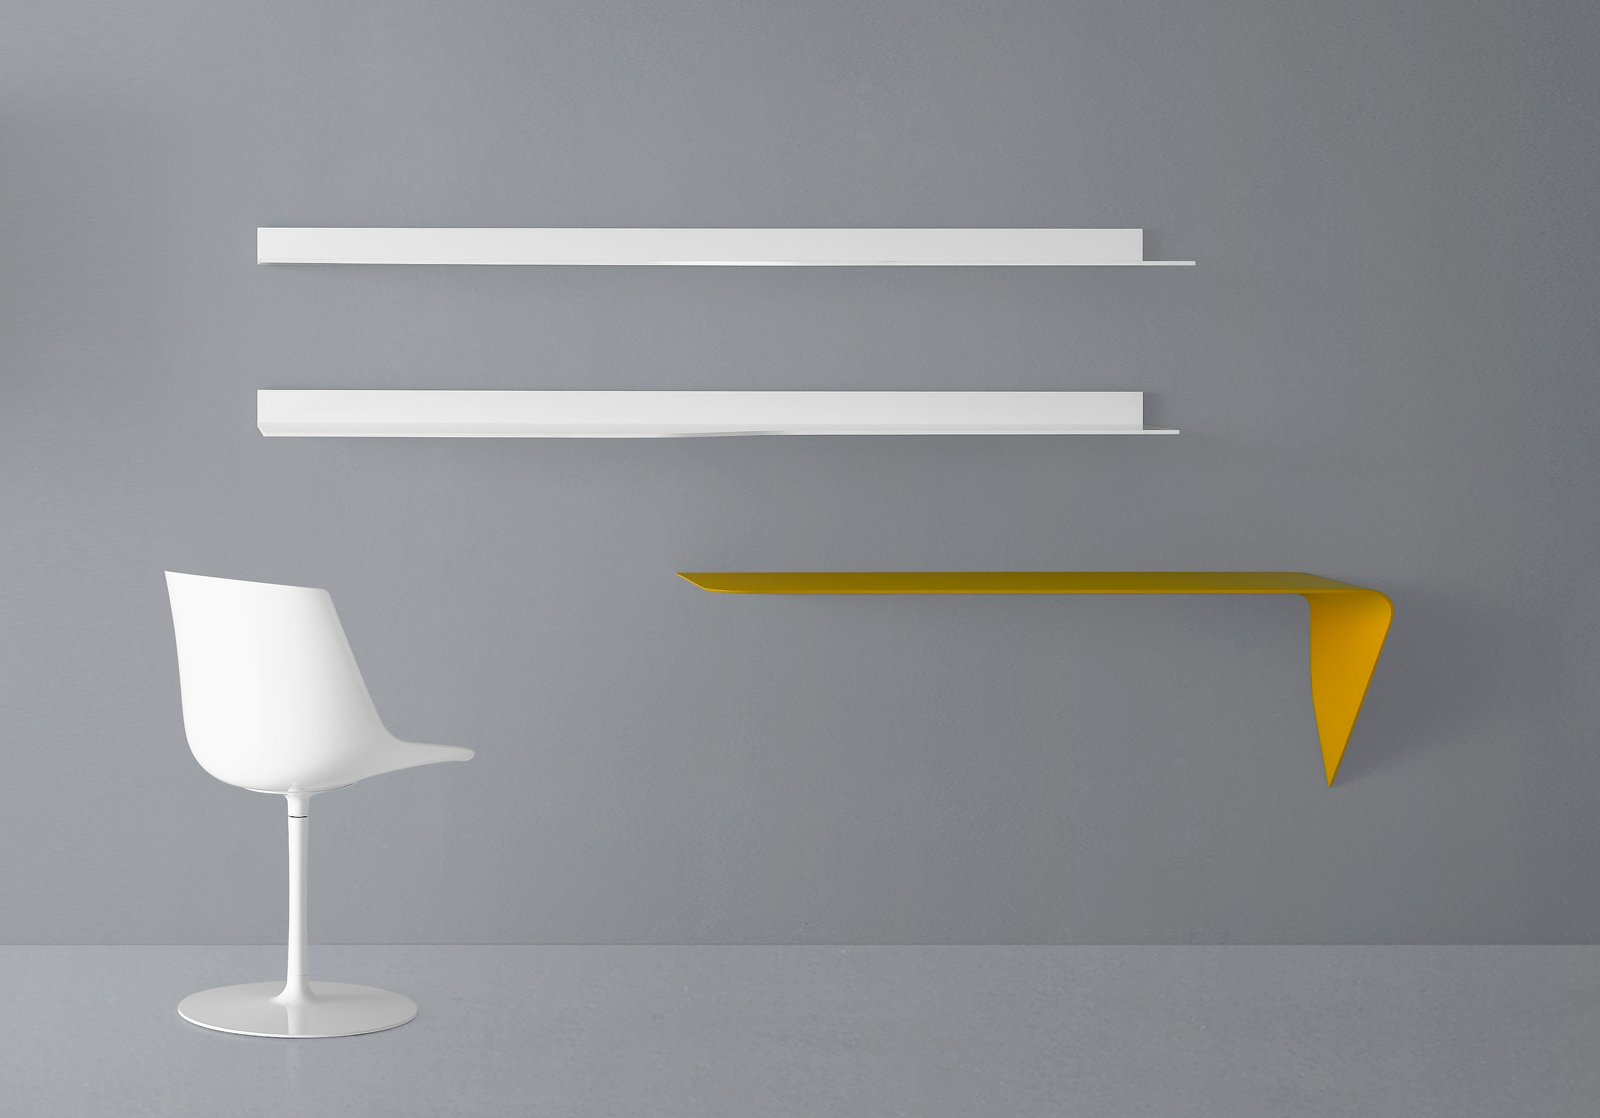 Mensola Doccia Ikea ~ duylinh for .